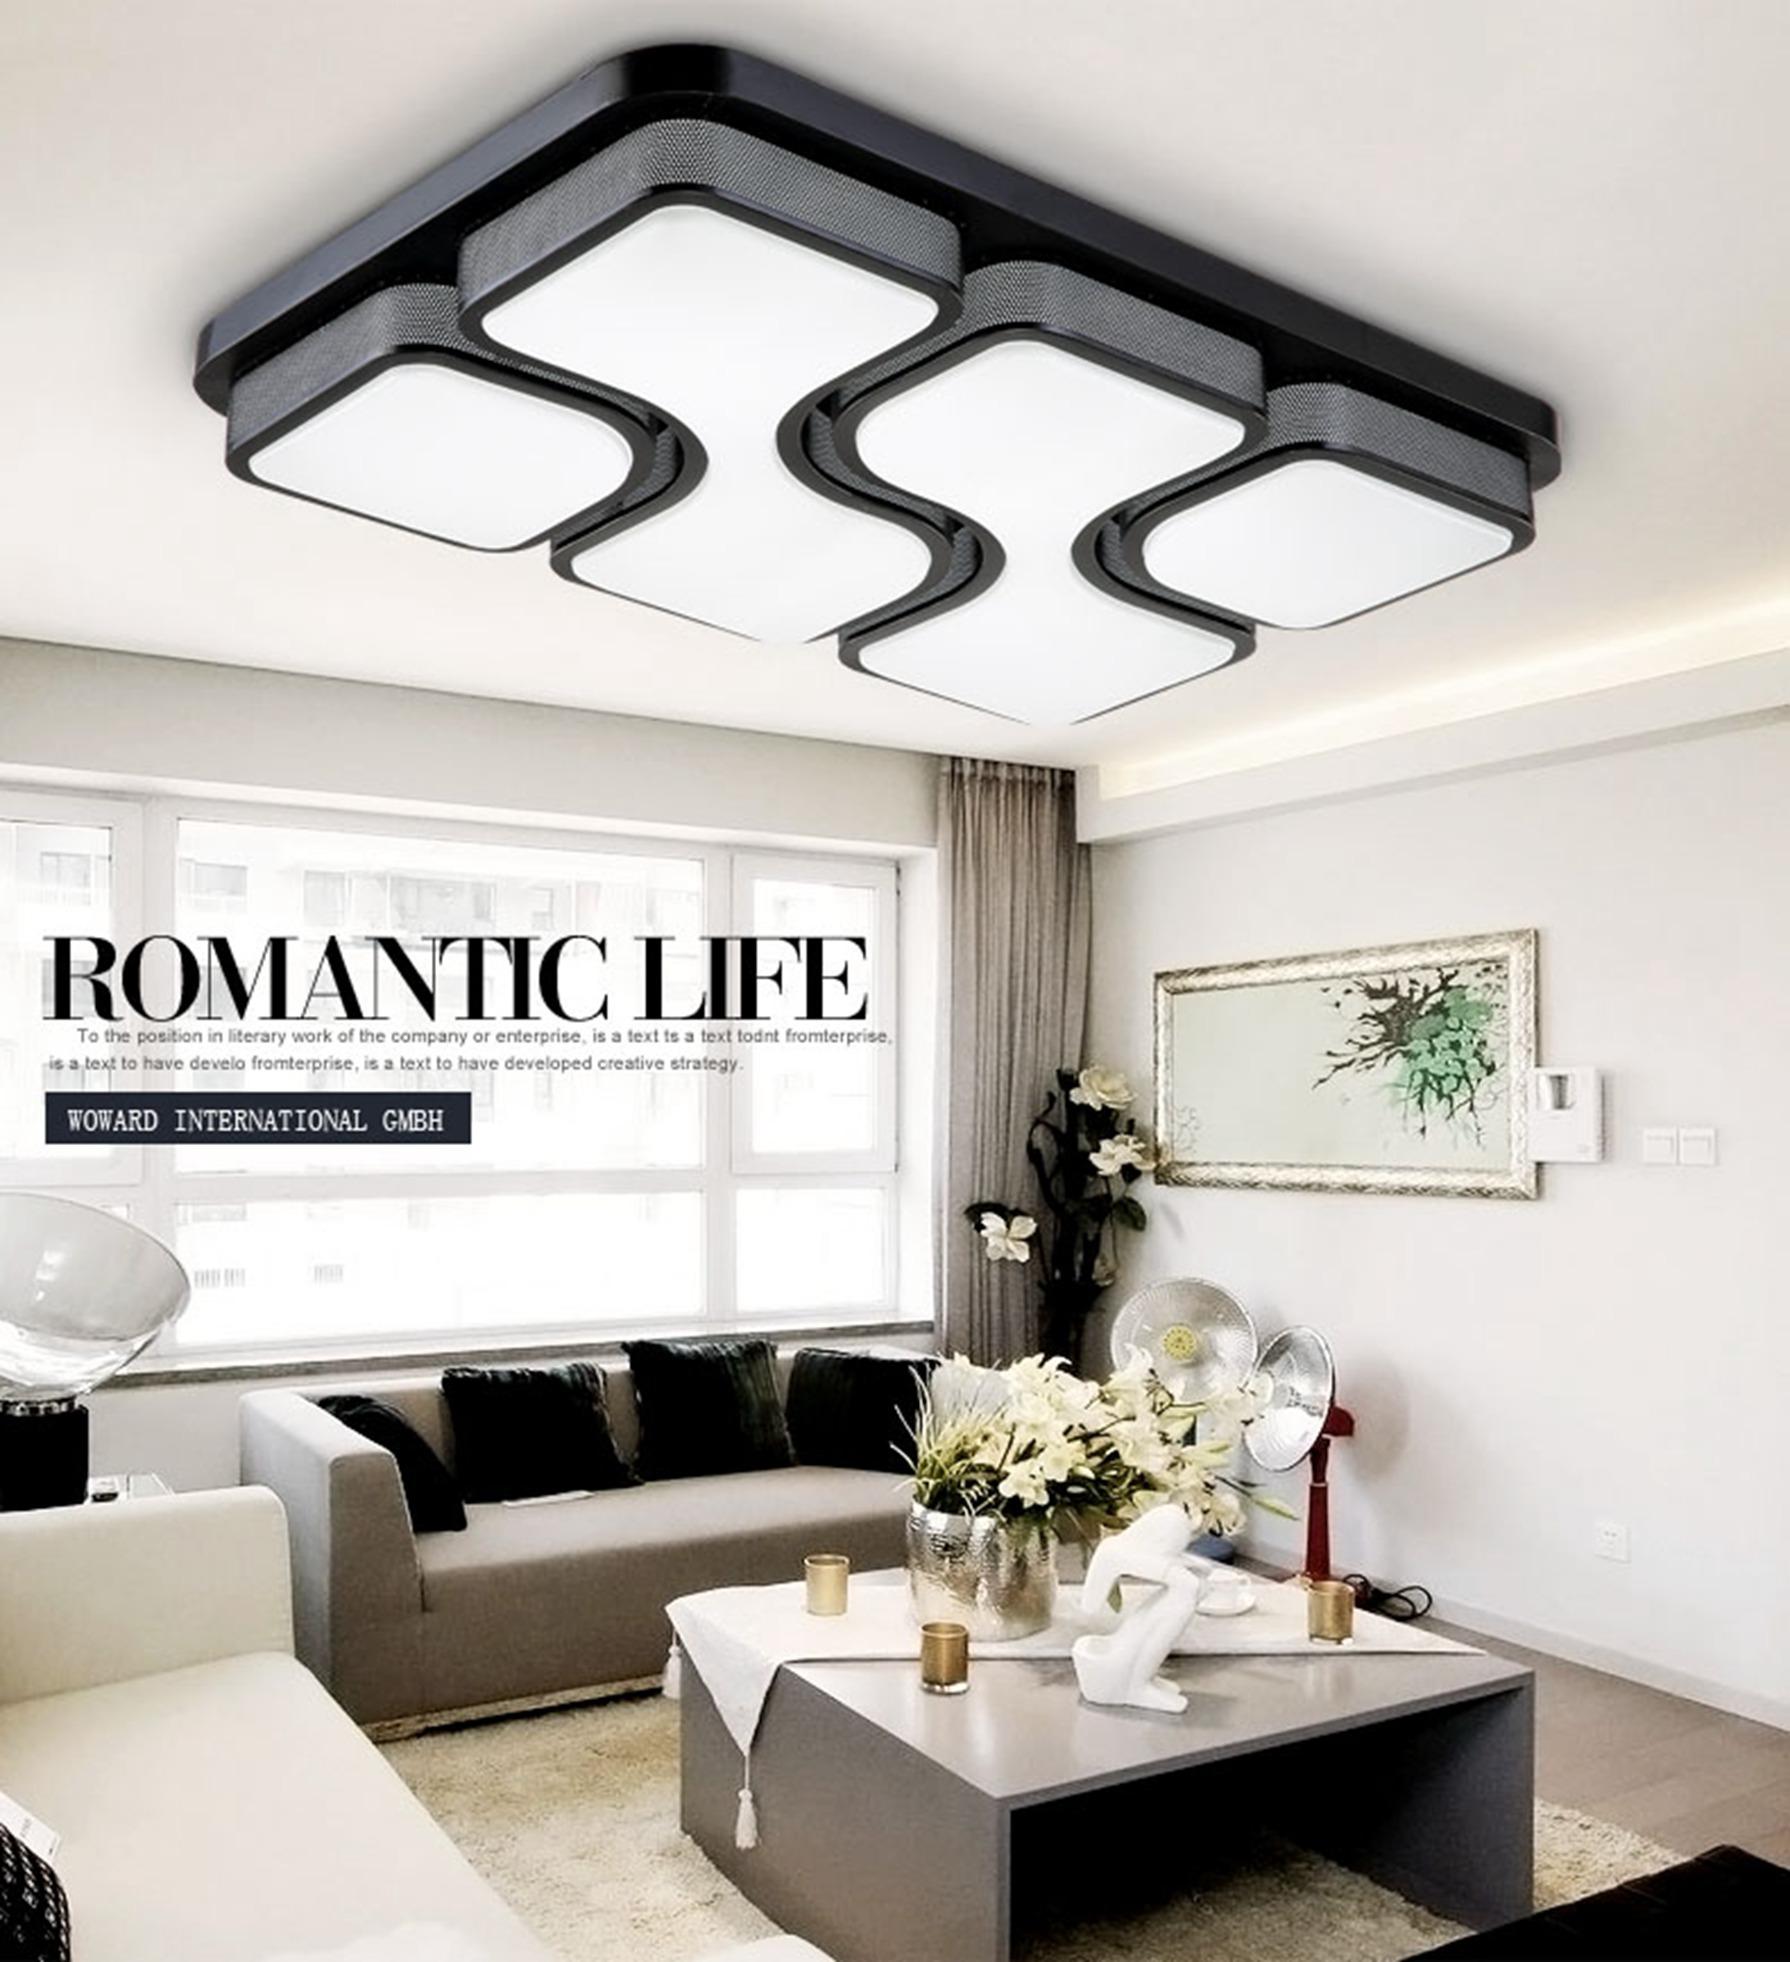 deckenleuchten wohnzimmer wien, dimmbar led deckenlampe deckenleuchten 24w-126w w800 wandlampe, Design ideen